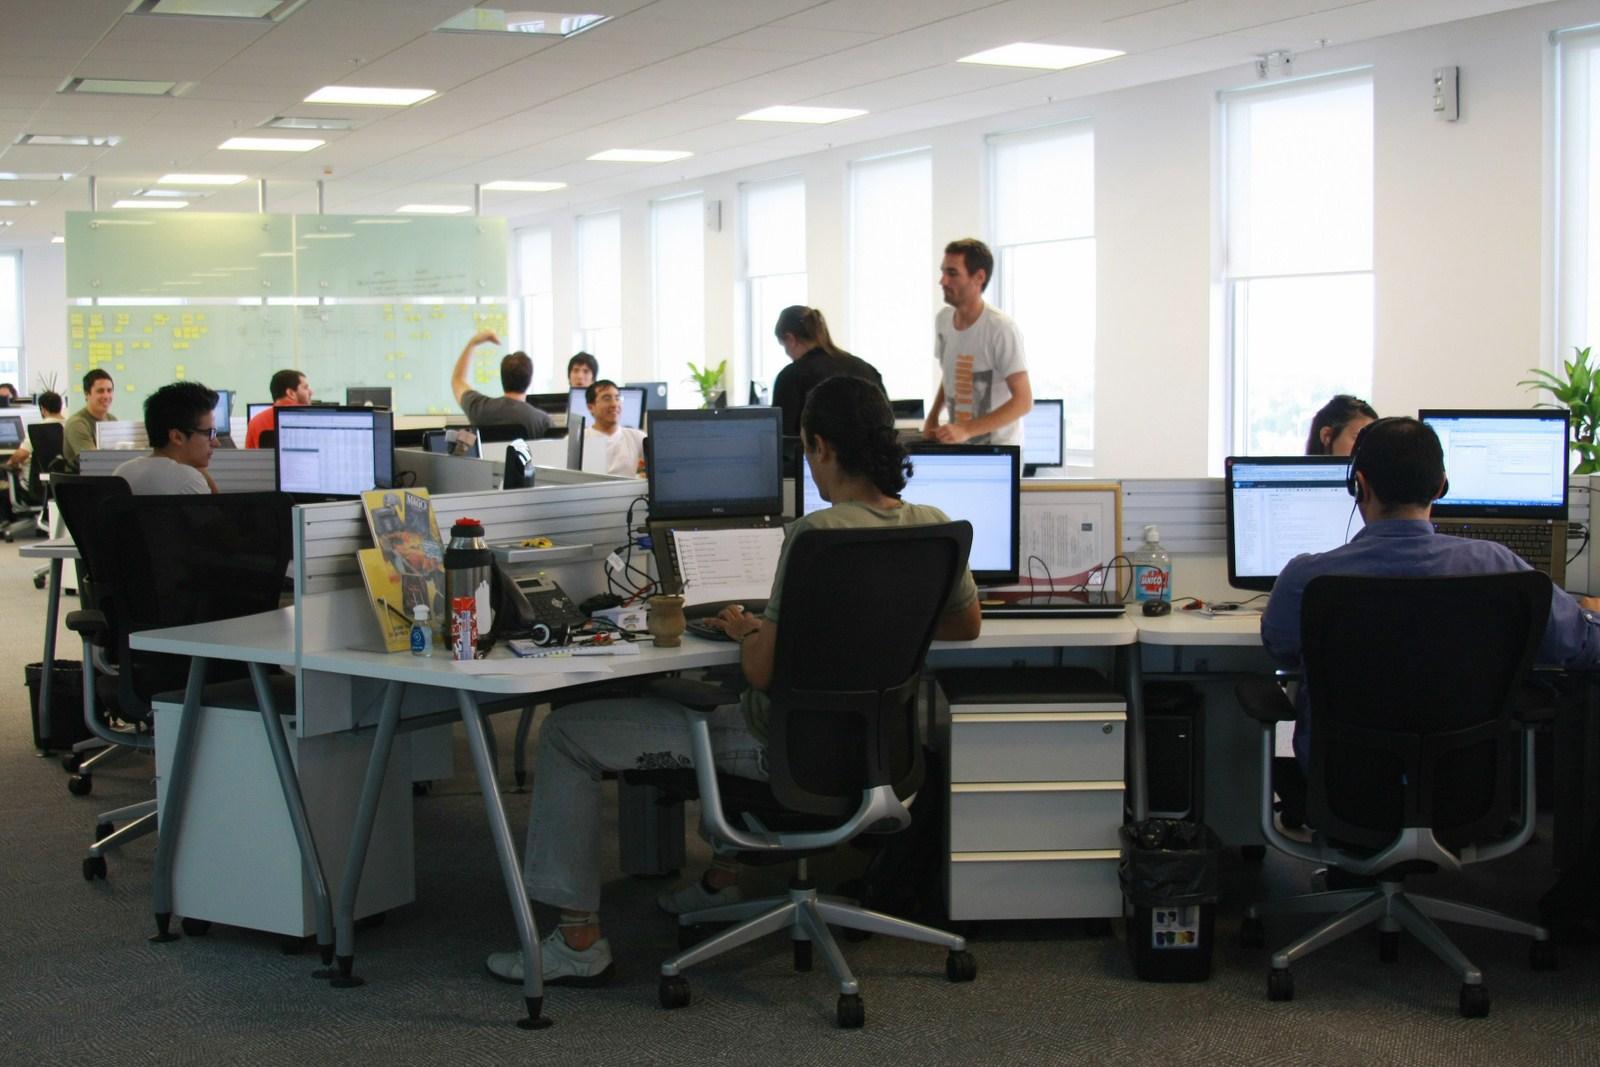 Oficina publica saludable oficinas de mercadolibre en la for Oficina de empleo